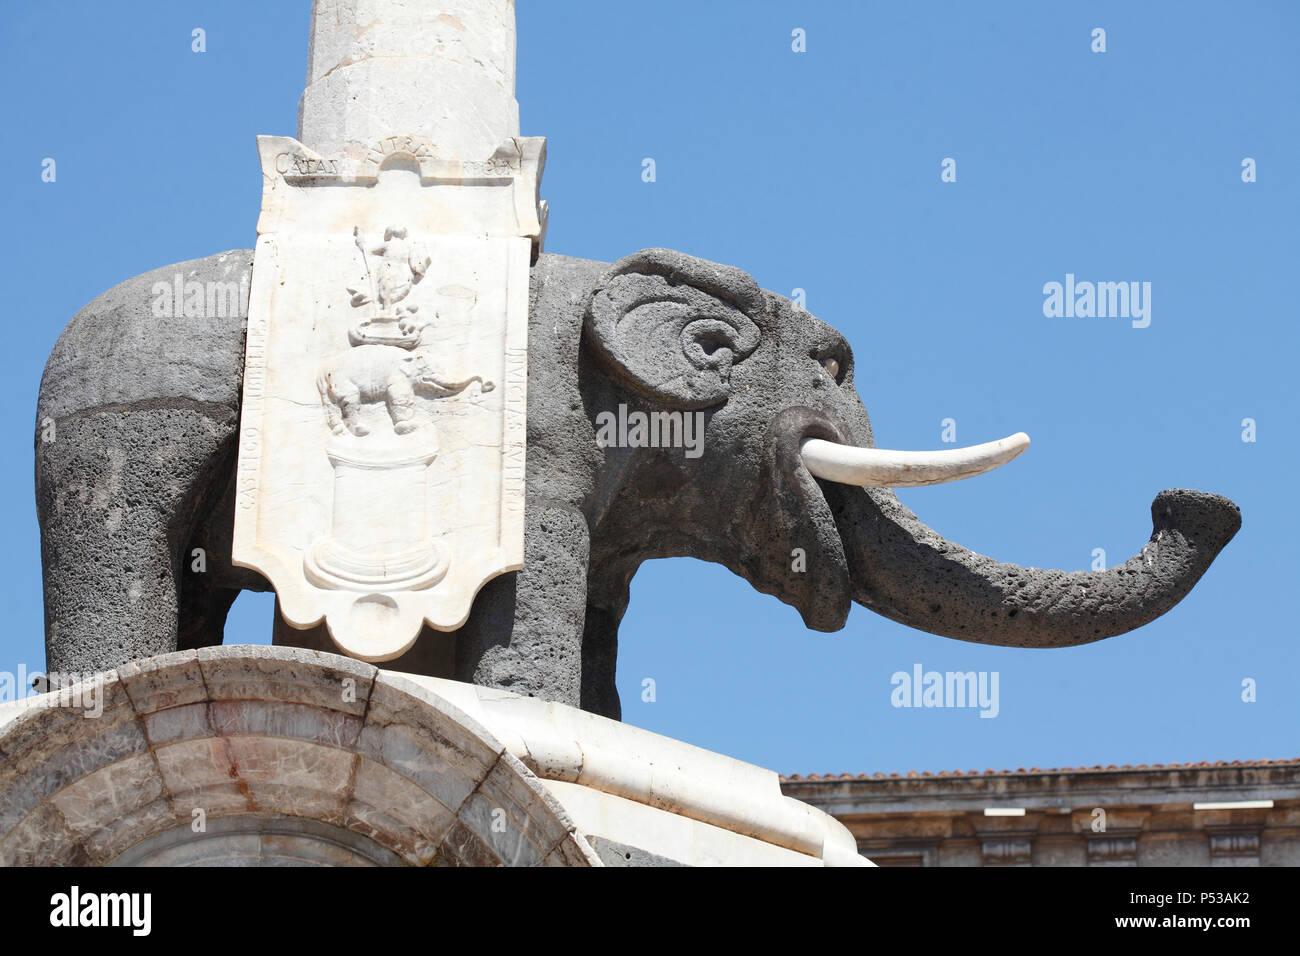 Elefanten im Elephant Brunnen oder Fontana dell'Elefante an der Piazza del Duomo, Catania, Sizilien, Italien, Europa Stockfoto